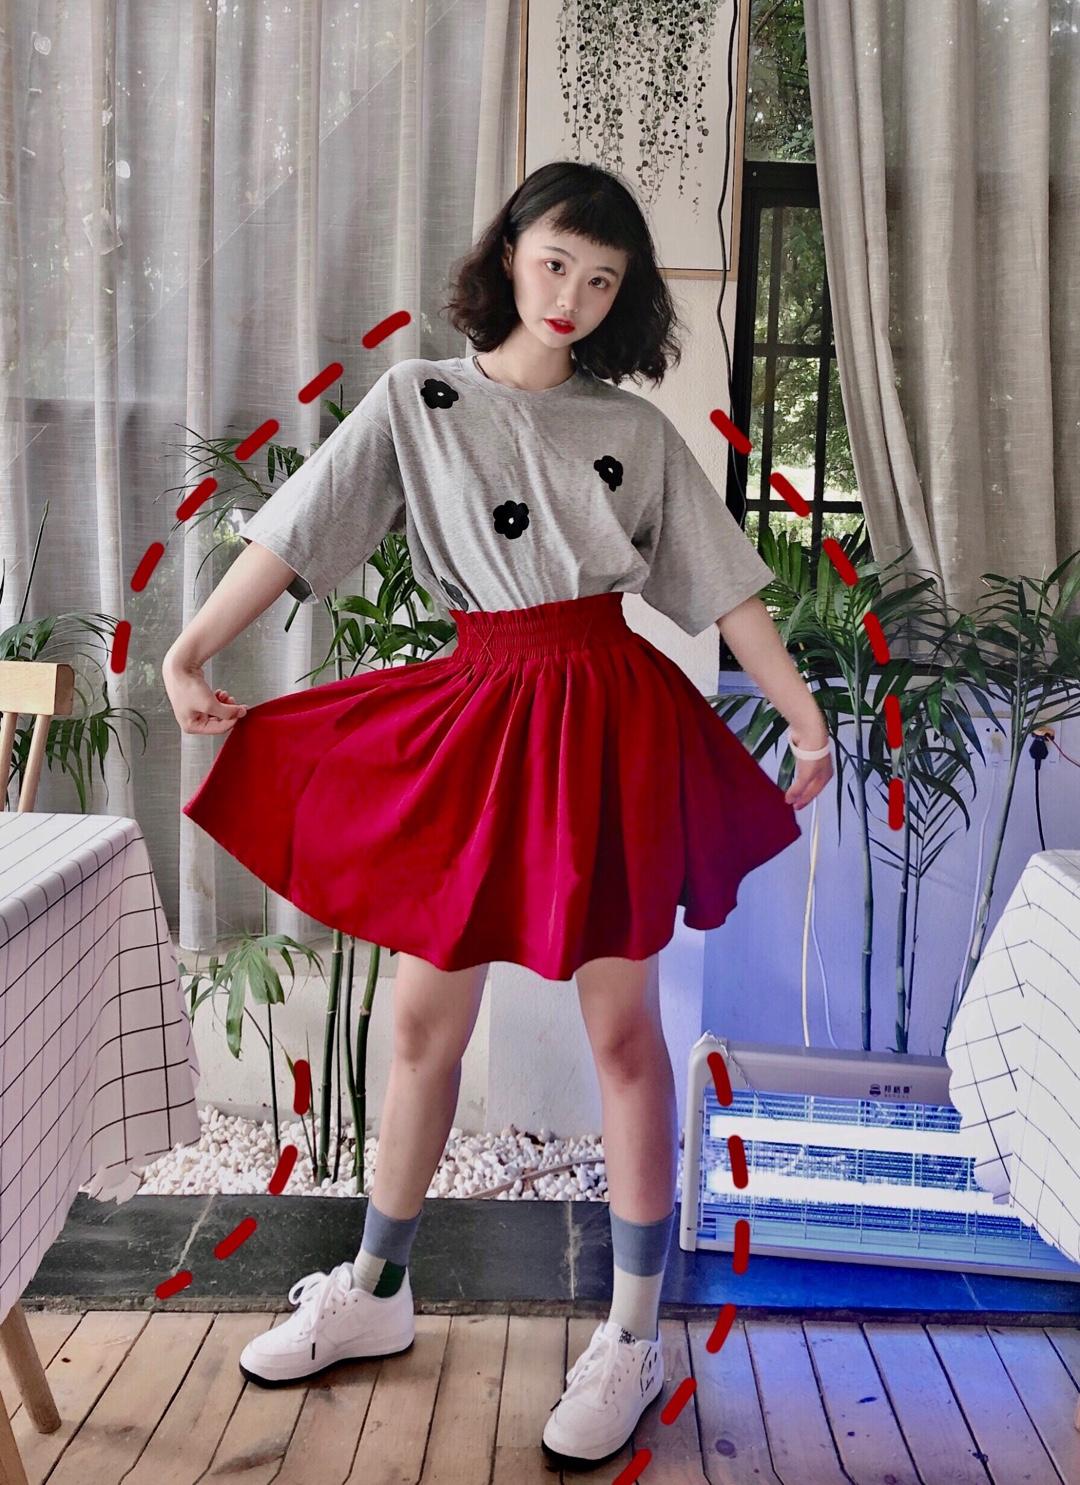 #小个子超模腿养成秘籍!#  小fafa短袖➕高腰红裙子超级显腿咯,红色什么的超级显白,人群一眼就能看到的一抹红相当好看啦,高腰的束腰很修身显高啦!